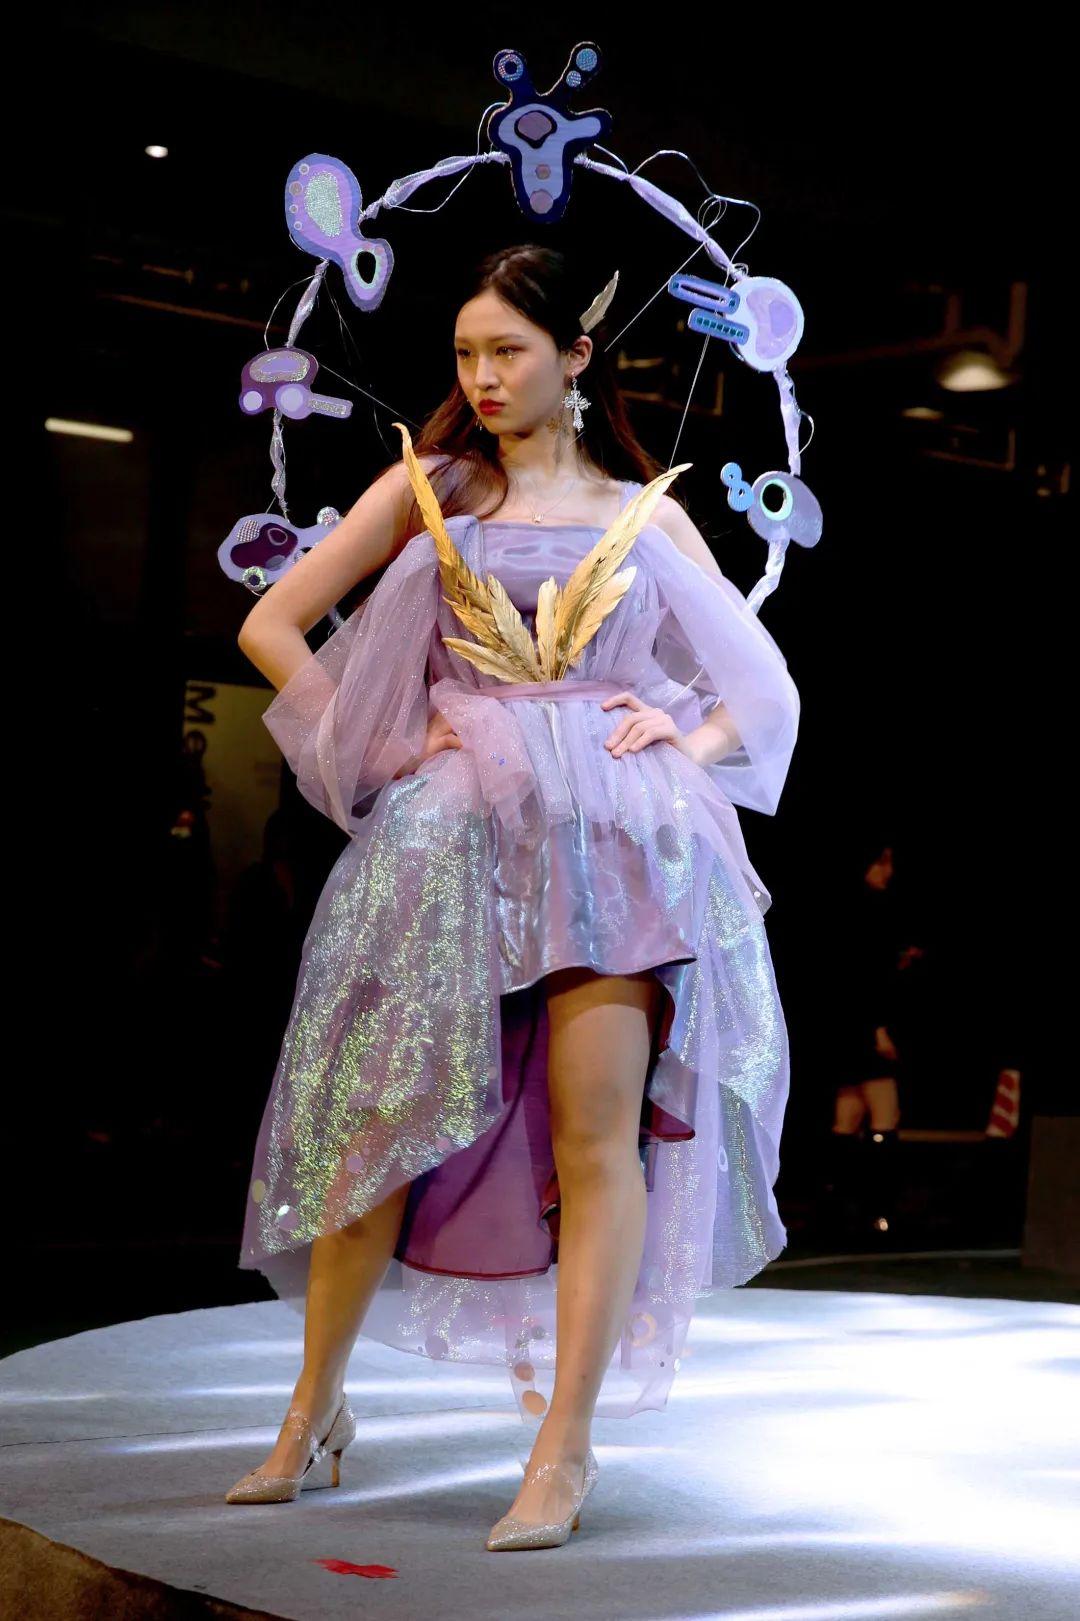 深国交2021 Fashion Show - 校园活动 疫情之下的时尚  深国交 深圳国际交流学院 第18张